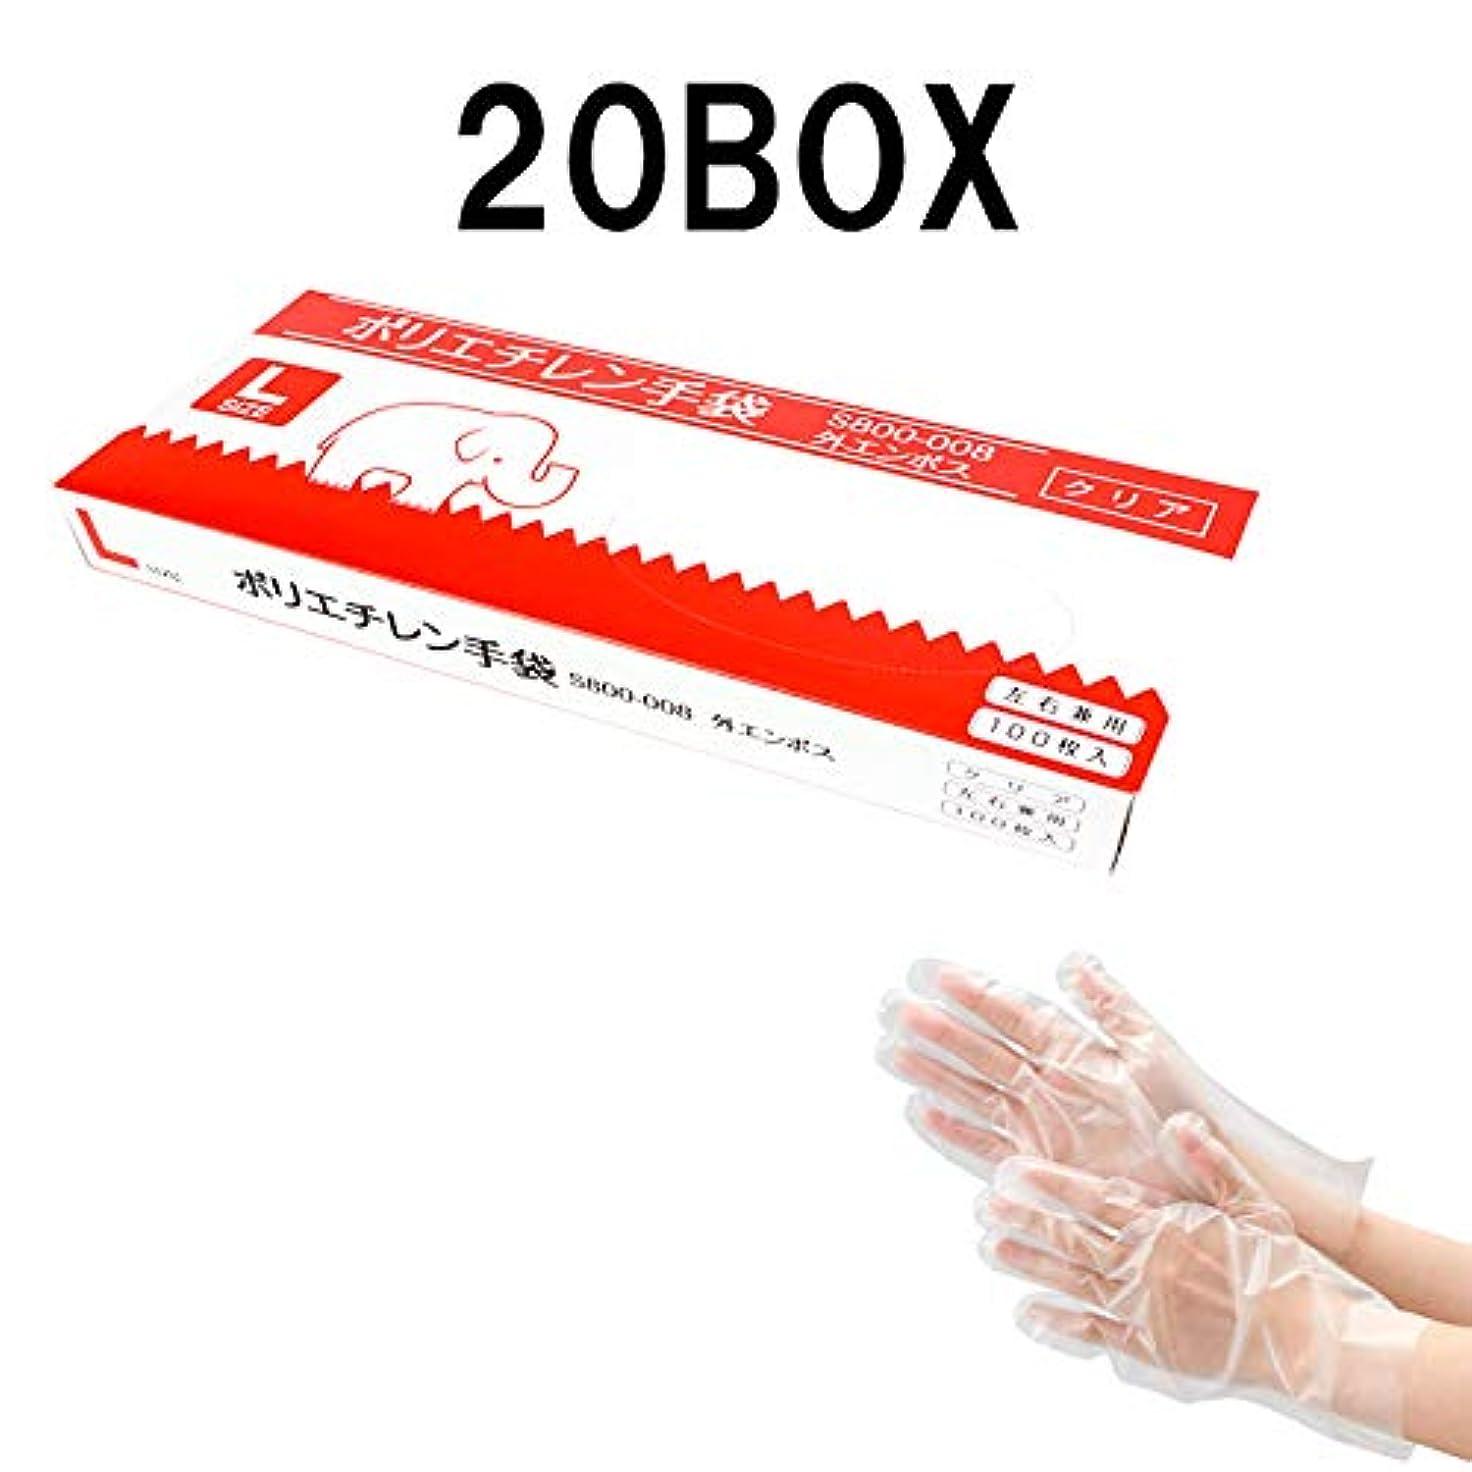 反応する参加者ノイズ(2000枚) 使い捨て ポリエチレン手袋 Lサイズ 100枚入り×20BOX クリア色 左右兼用 外エンボス 食品衛生法適合品